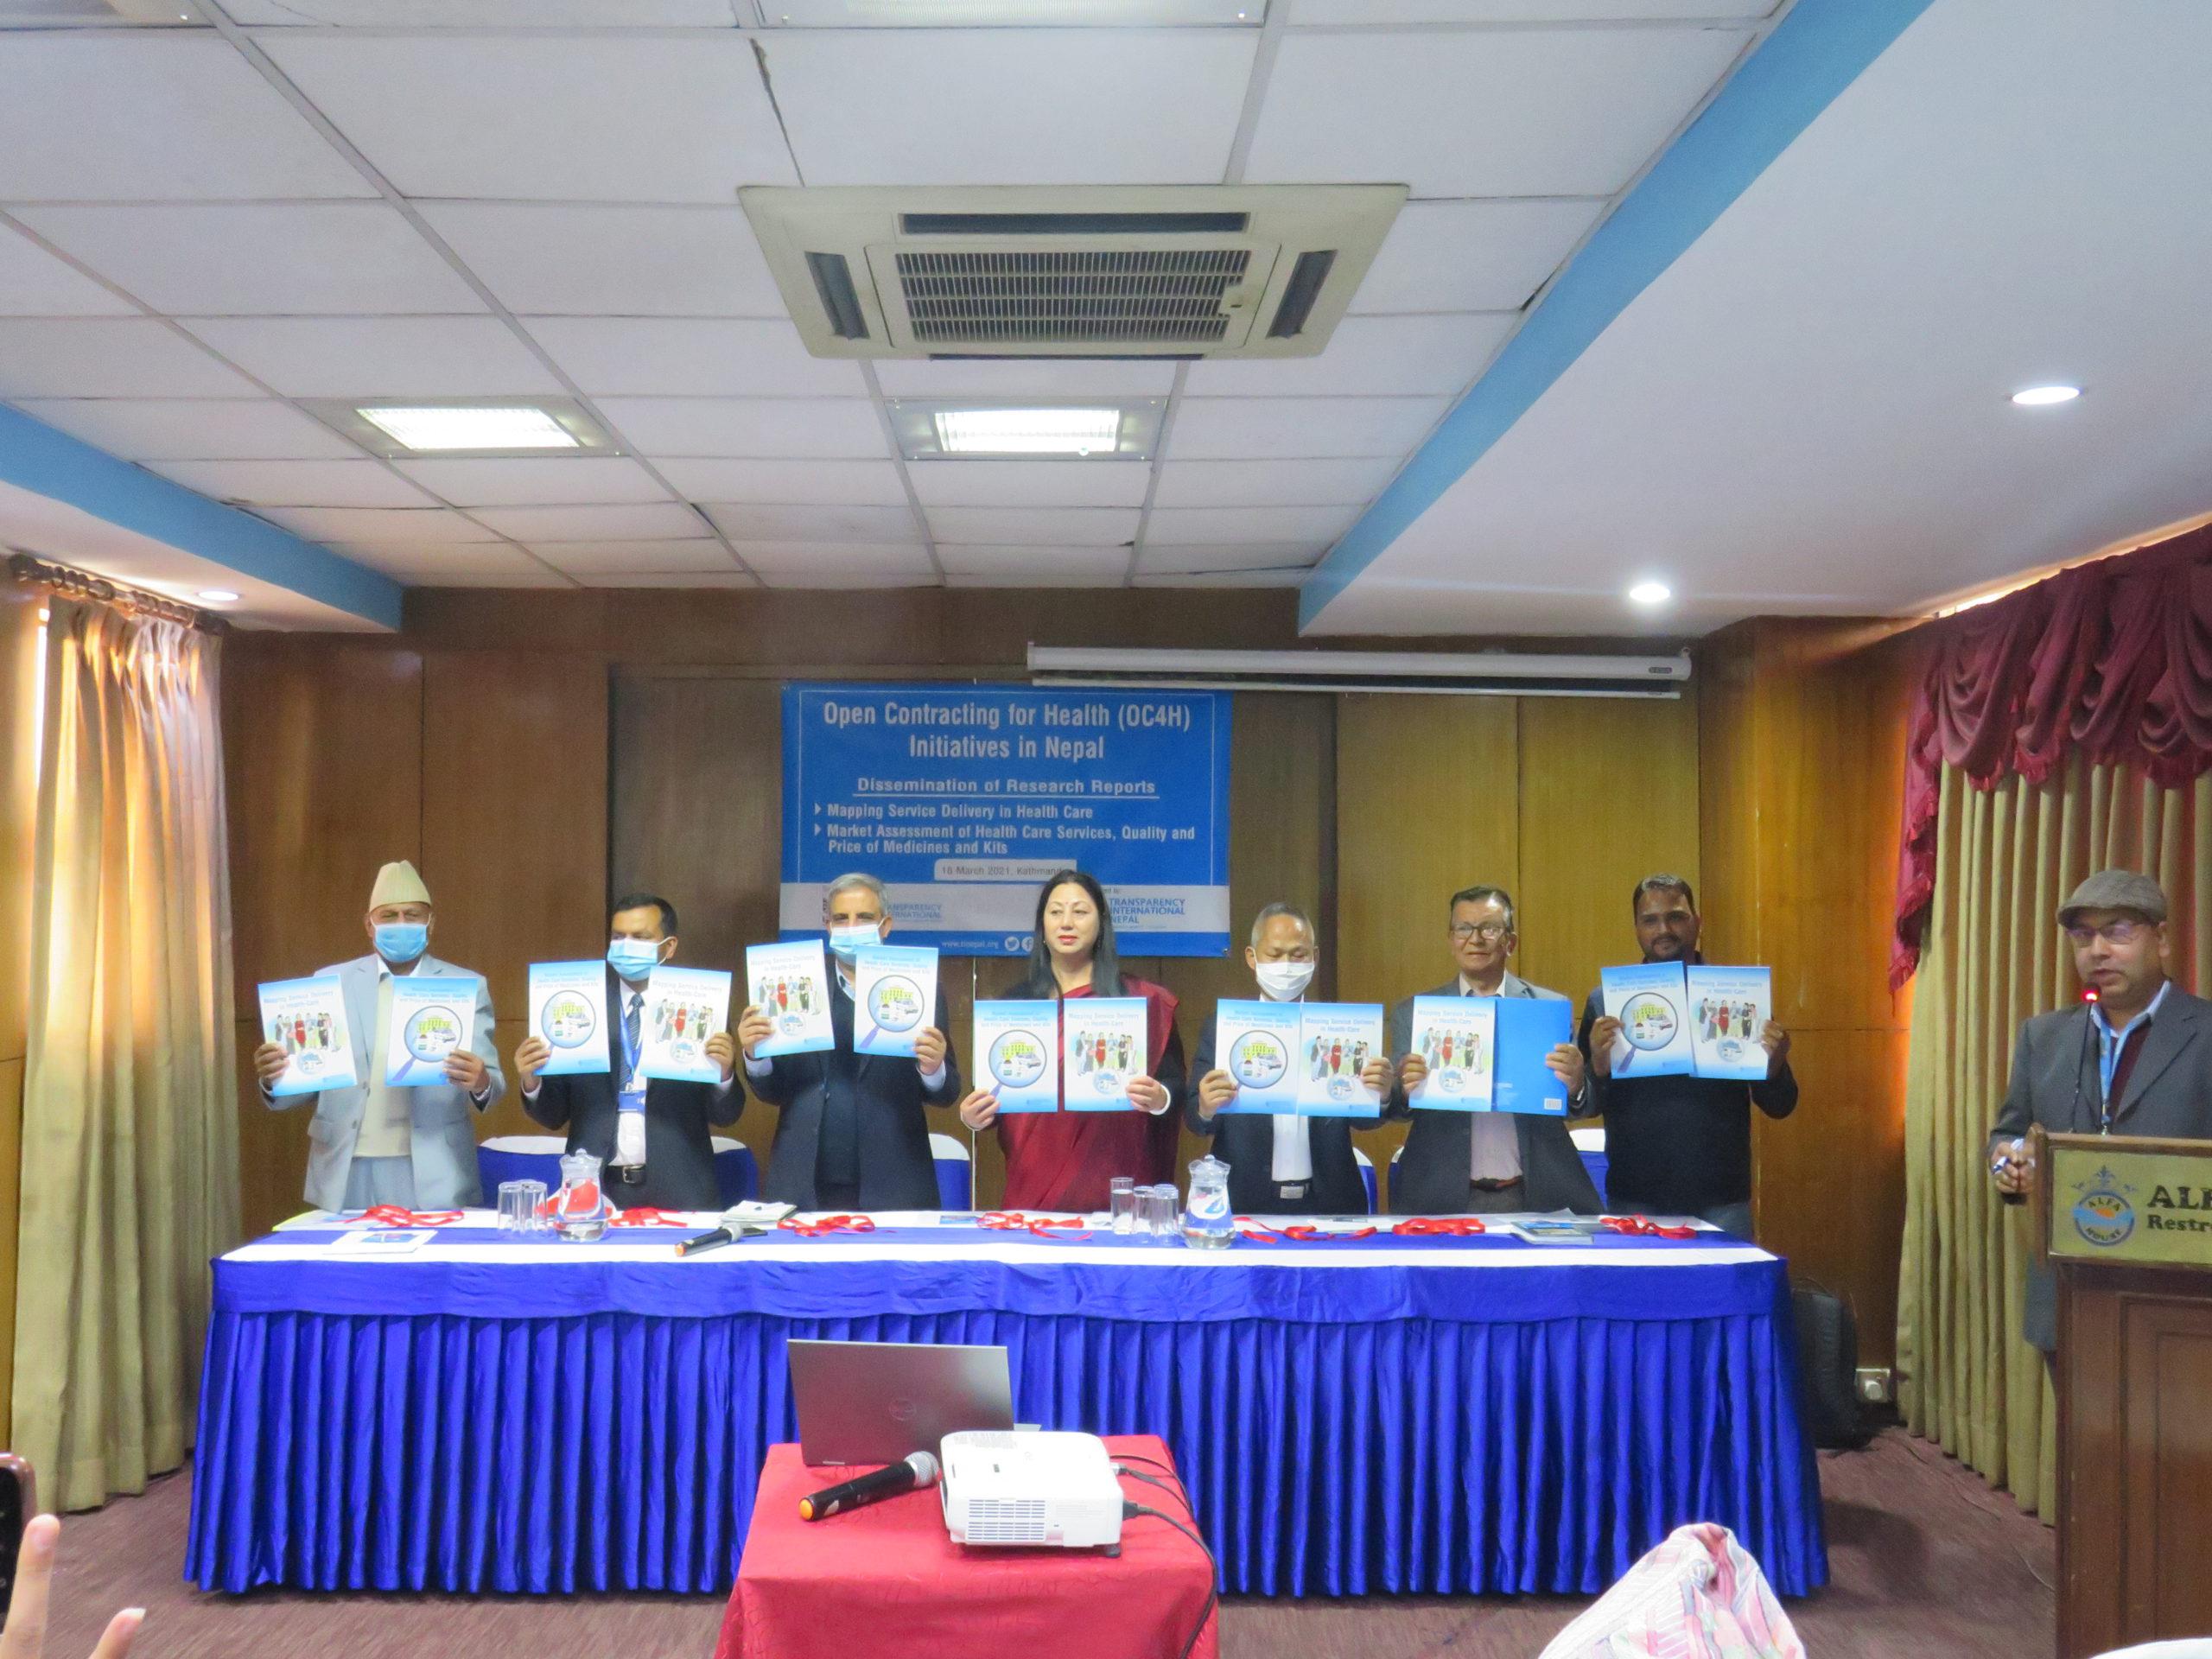 स्वास्थ्य क्षेत्रसँग सम्बन्धित दुई अनुसन्धान प्रतिवेदन सार्वजनिक